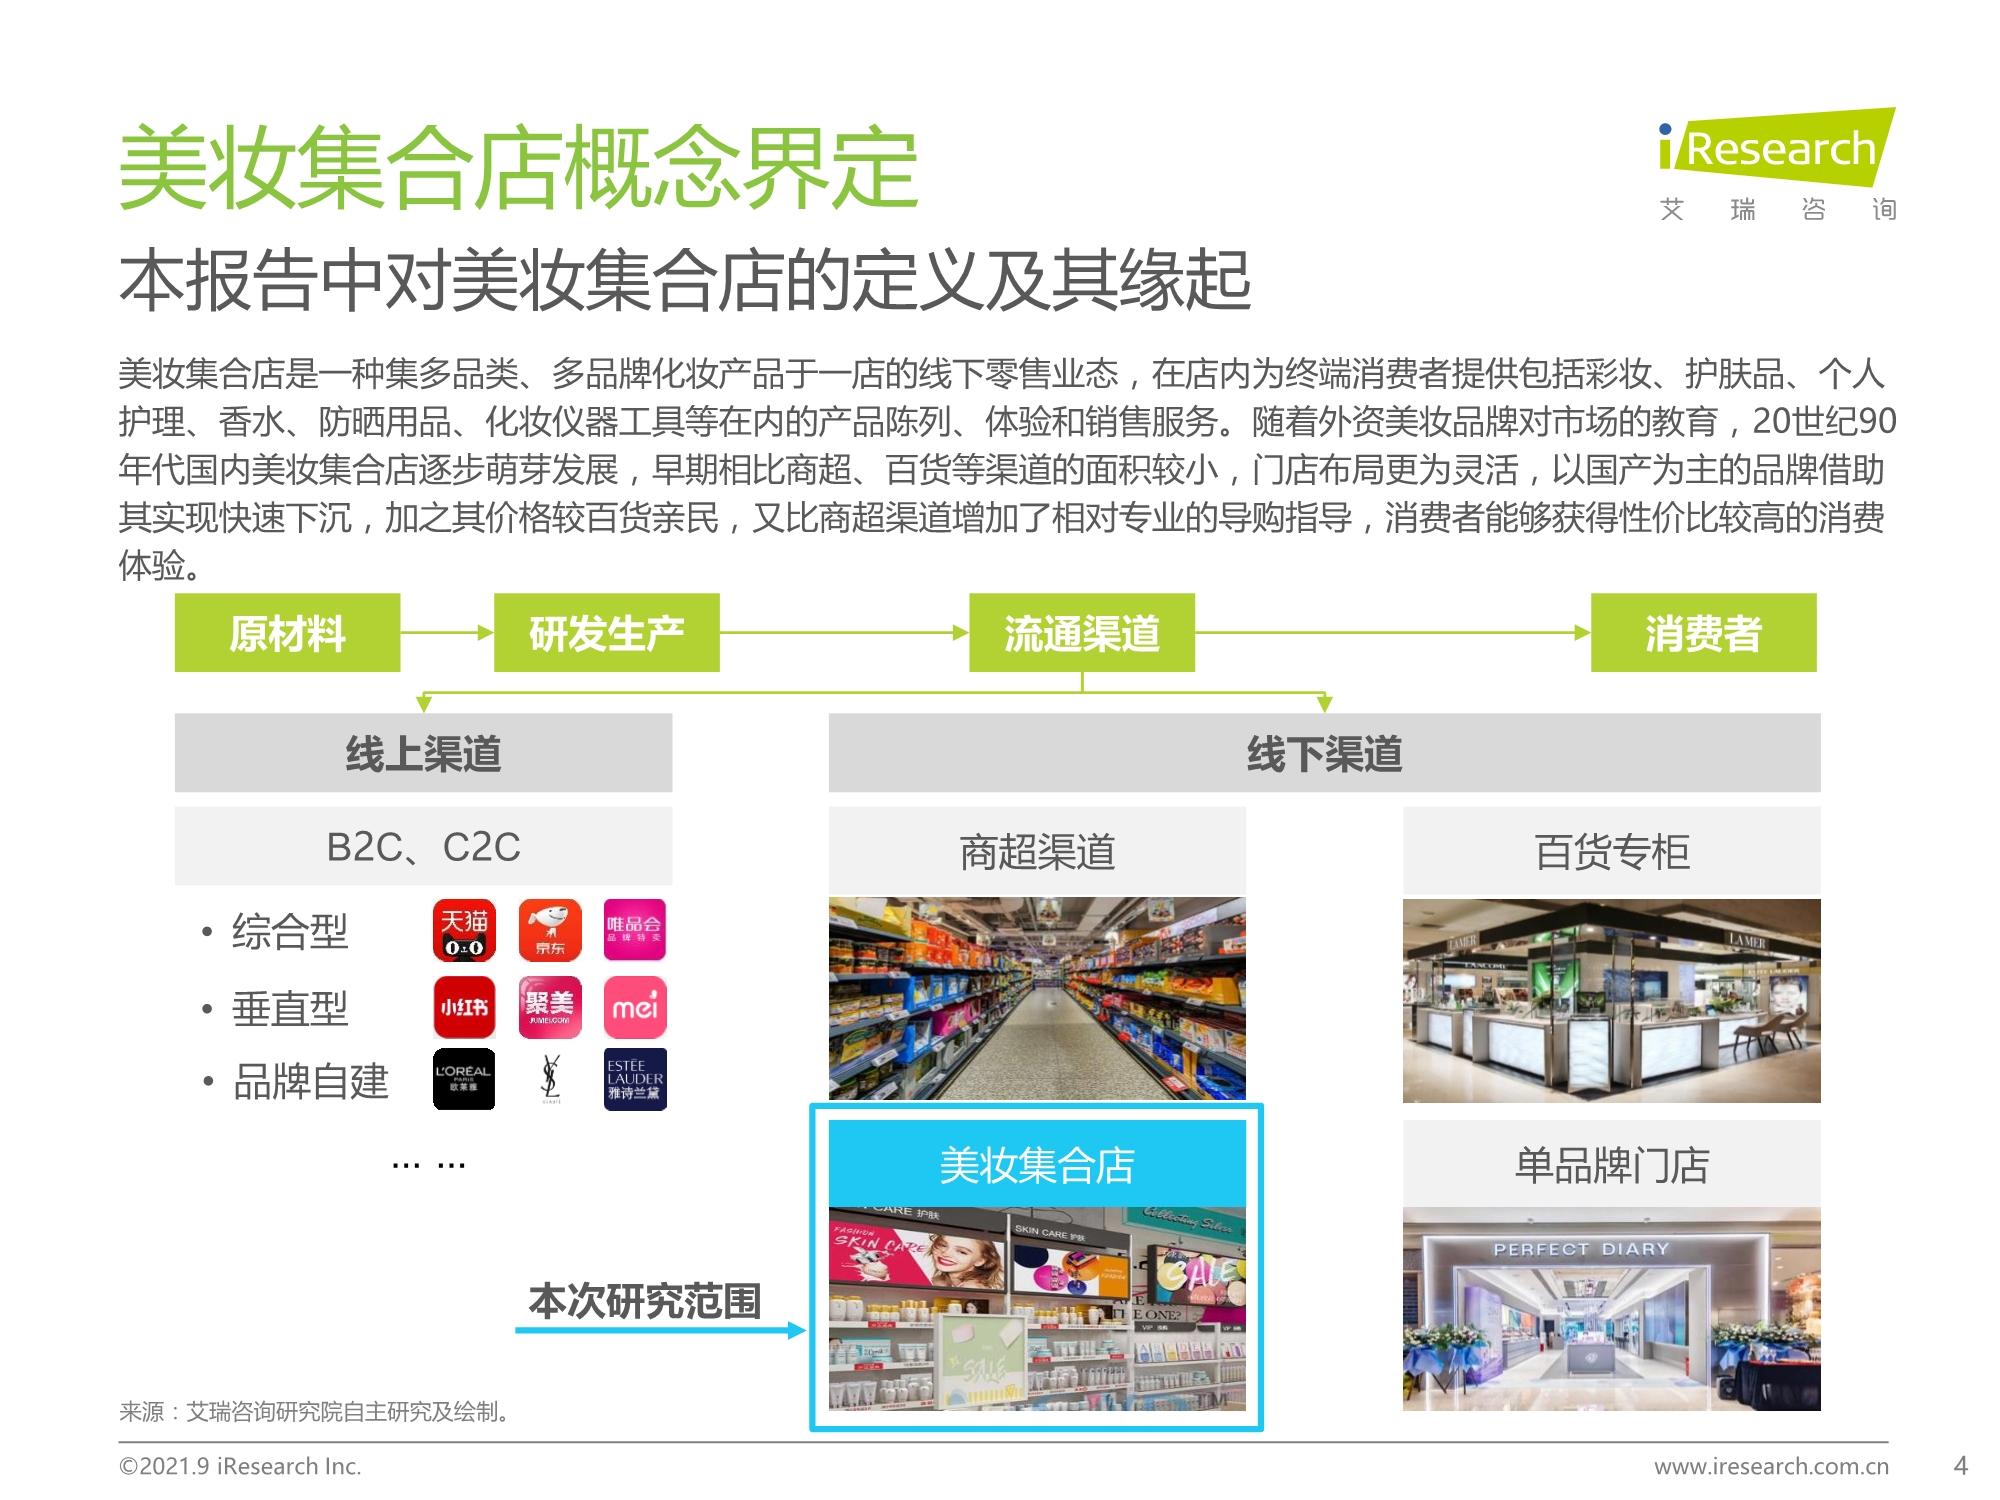 新知达人, 2021年中国美妆集合店行业研究报告